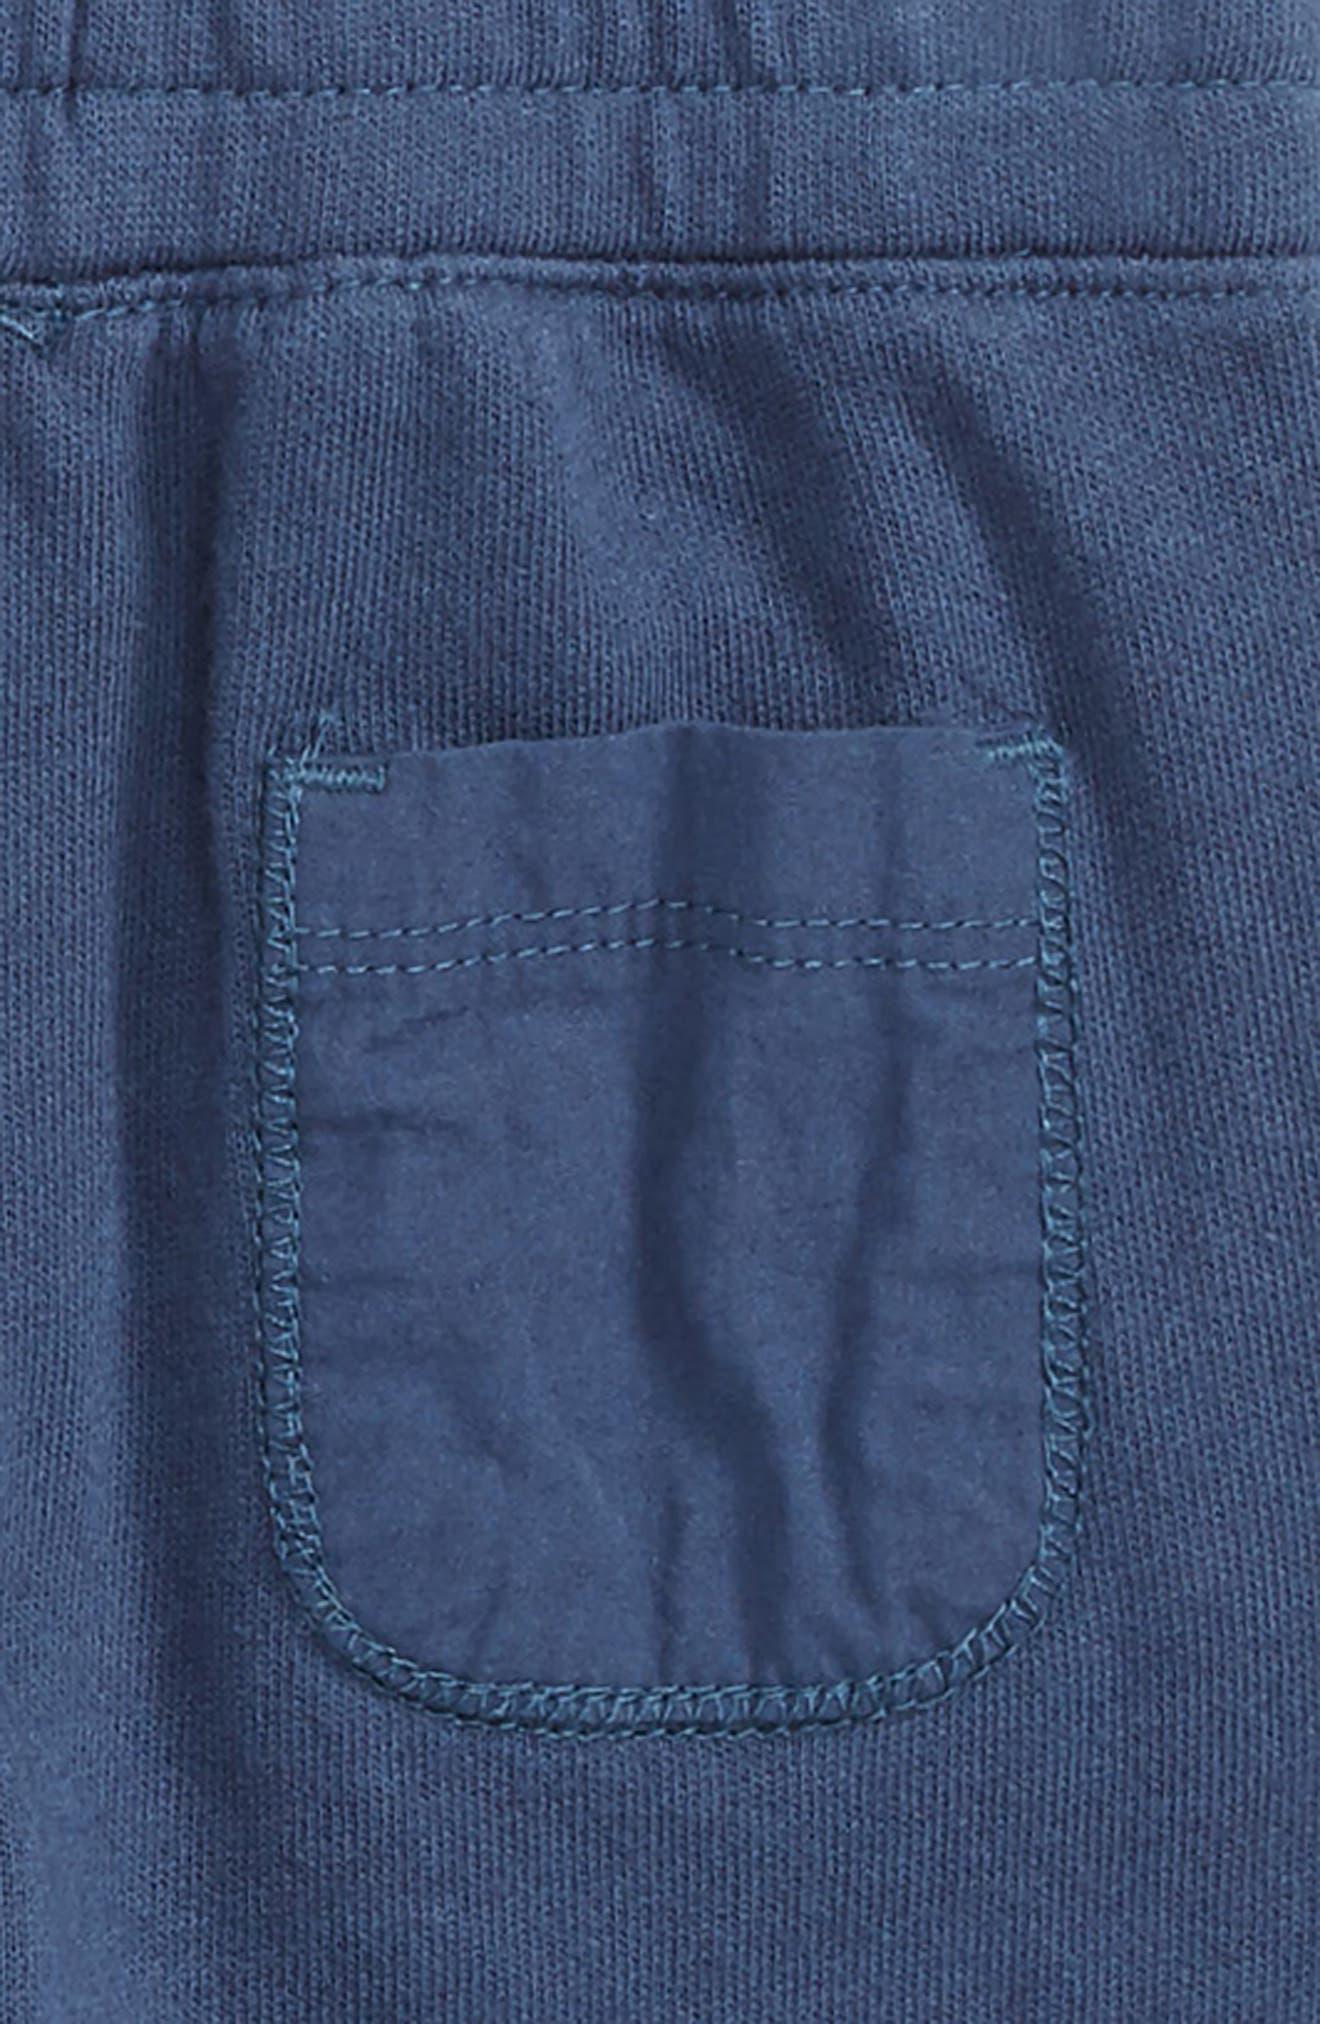 Alternate Image 3  - Splendid Stripe Henley T-Shirt & Pants Set (Baby Boys)